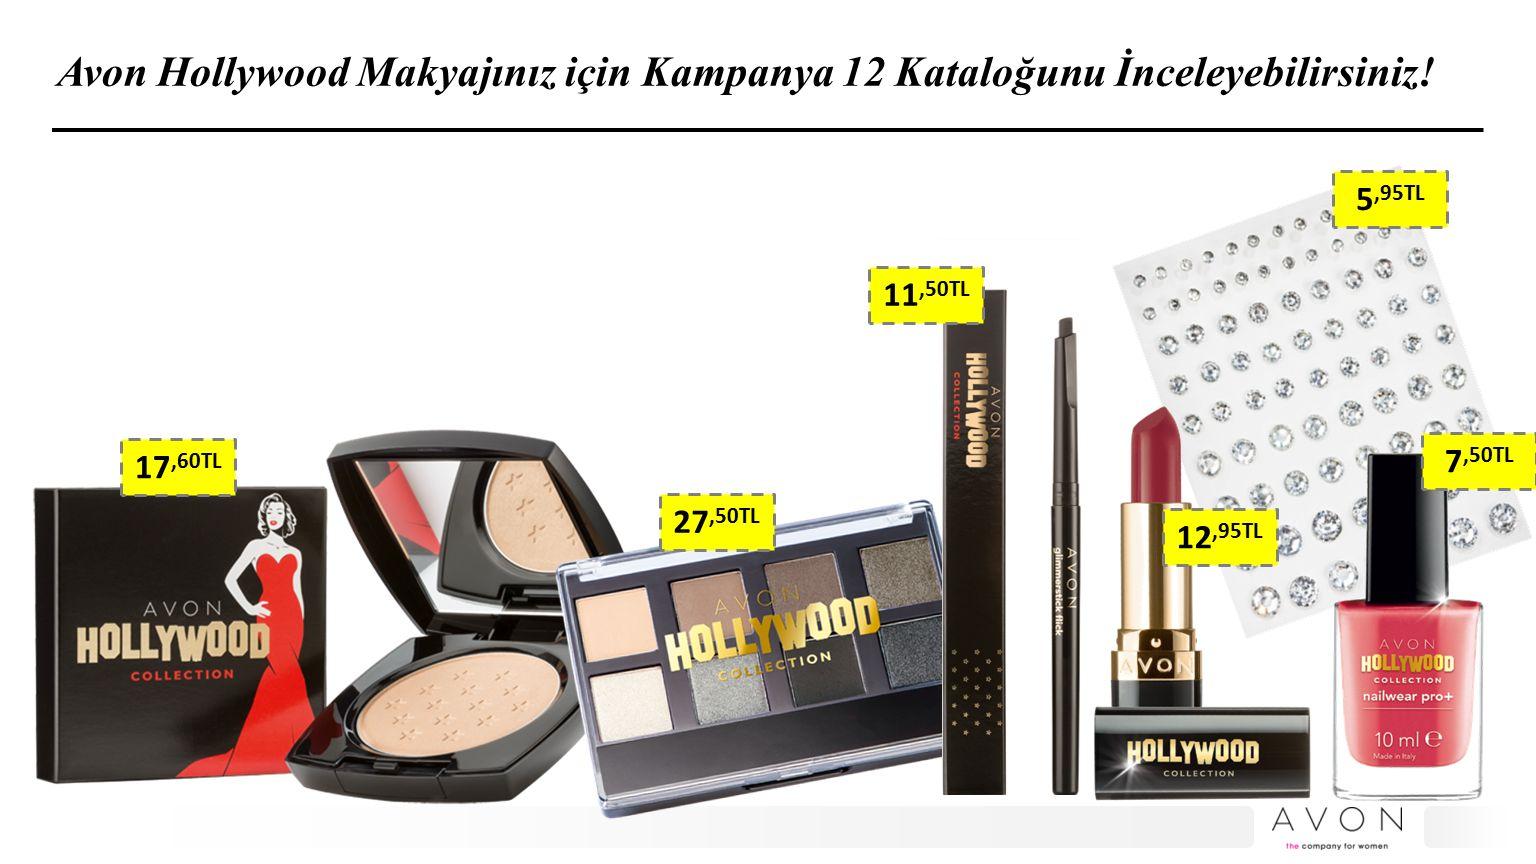 Avon Hollywood Makyajınız için Kampanya 12 Kataloğunu İnceleyebilirsiniz! 17,60TL 11,50TL 7,50TL 5,95TL 27,50TL 12,95TL